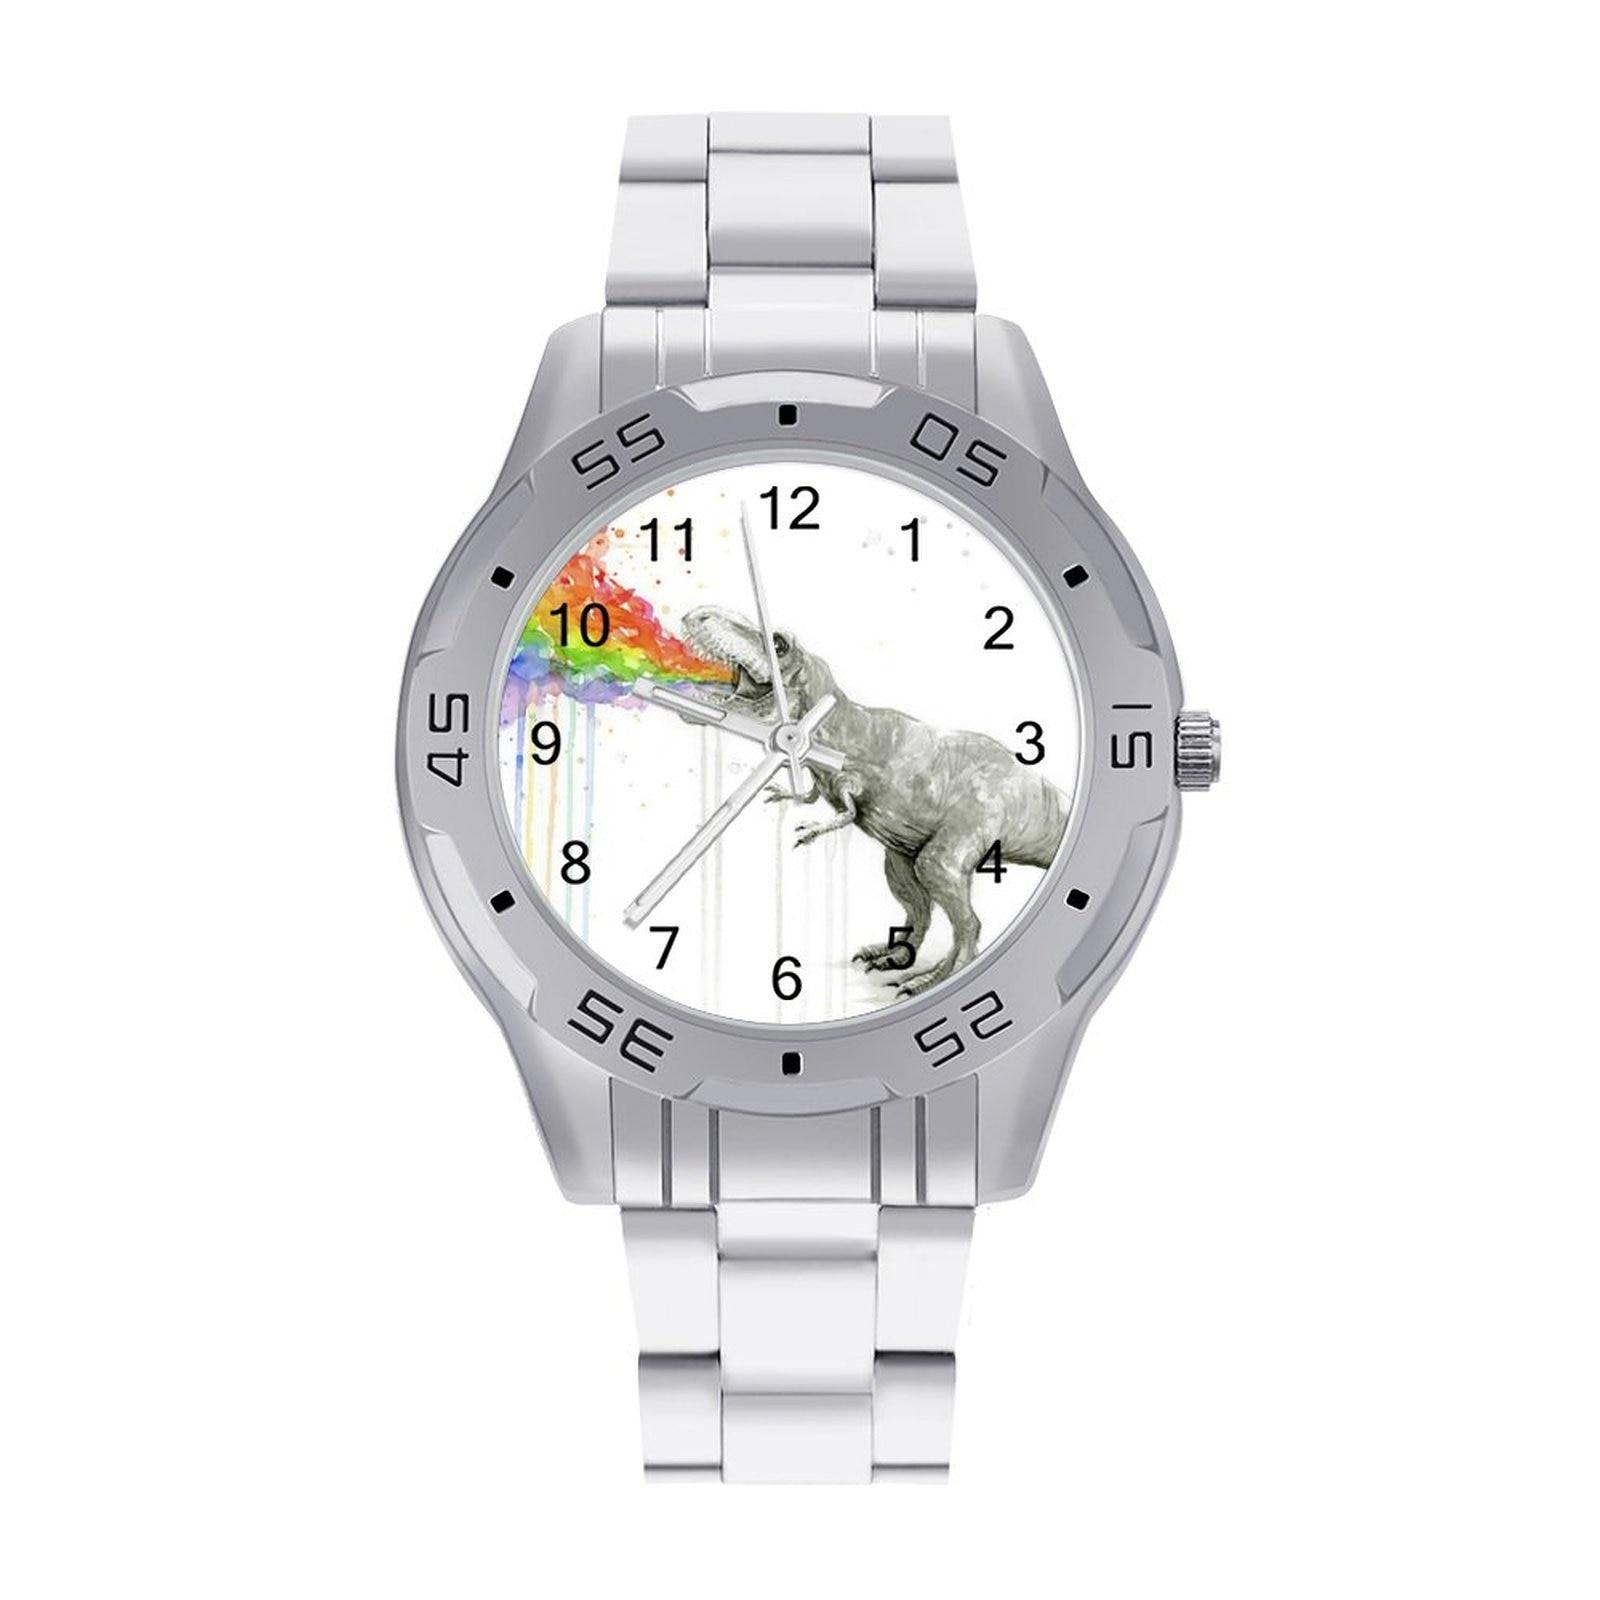 Кварцевые часы Dino, купить современные наручные часы, стальные женские наручные часы для домашнего фото